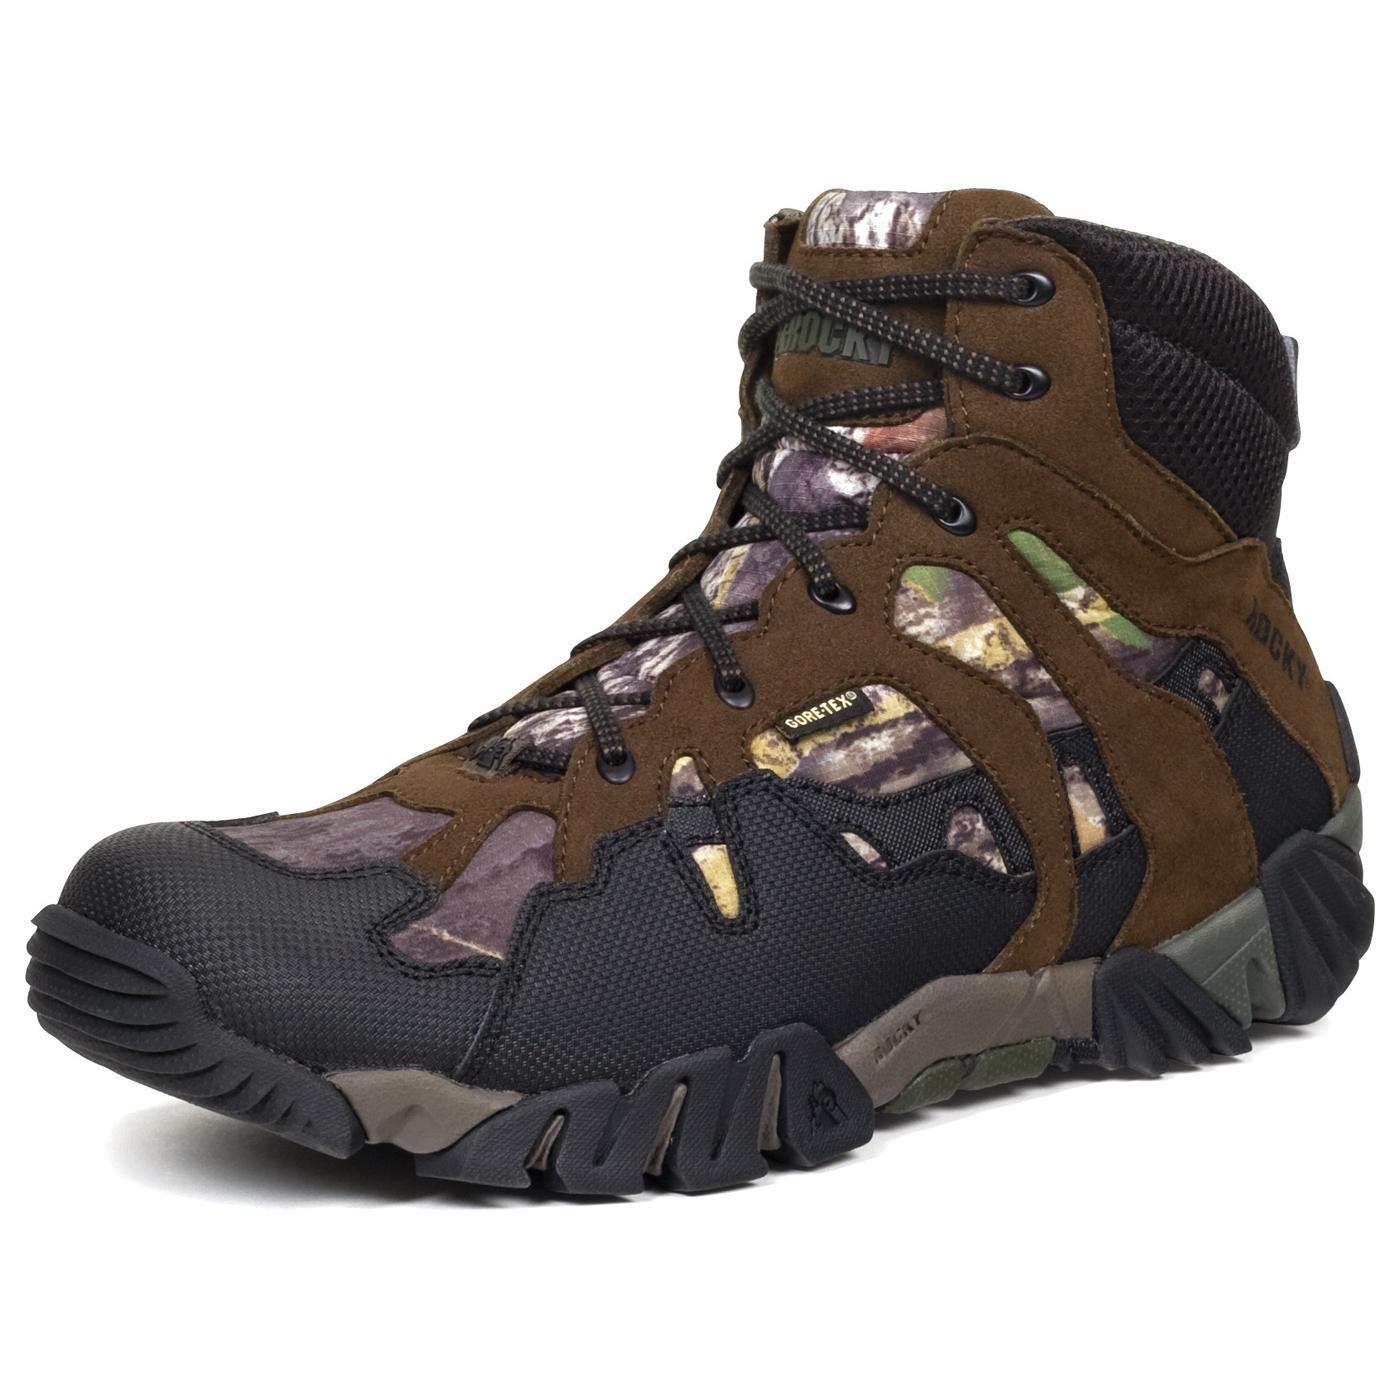 Rocky SilentStalker Waterproof Hunting Shoe, , large